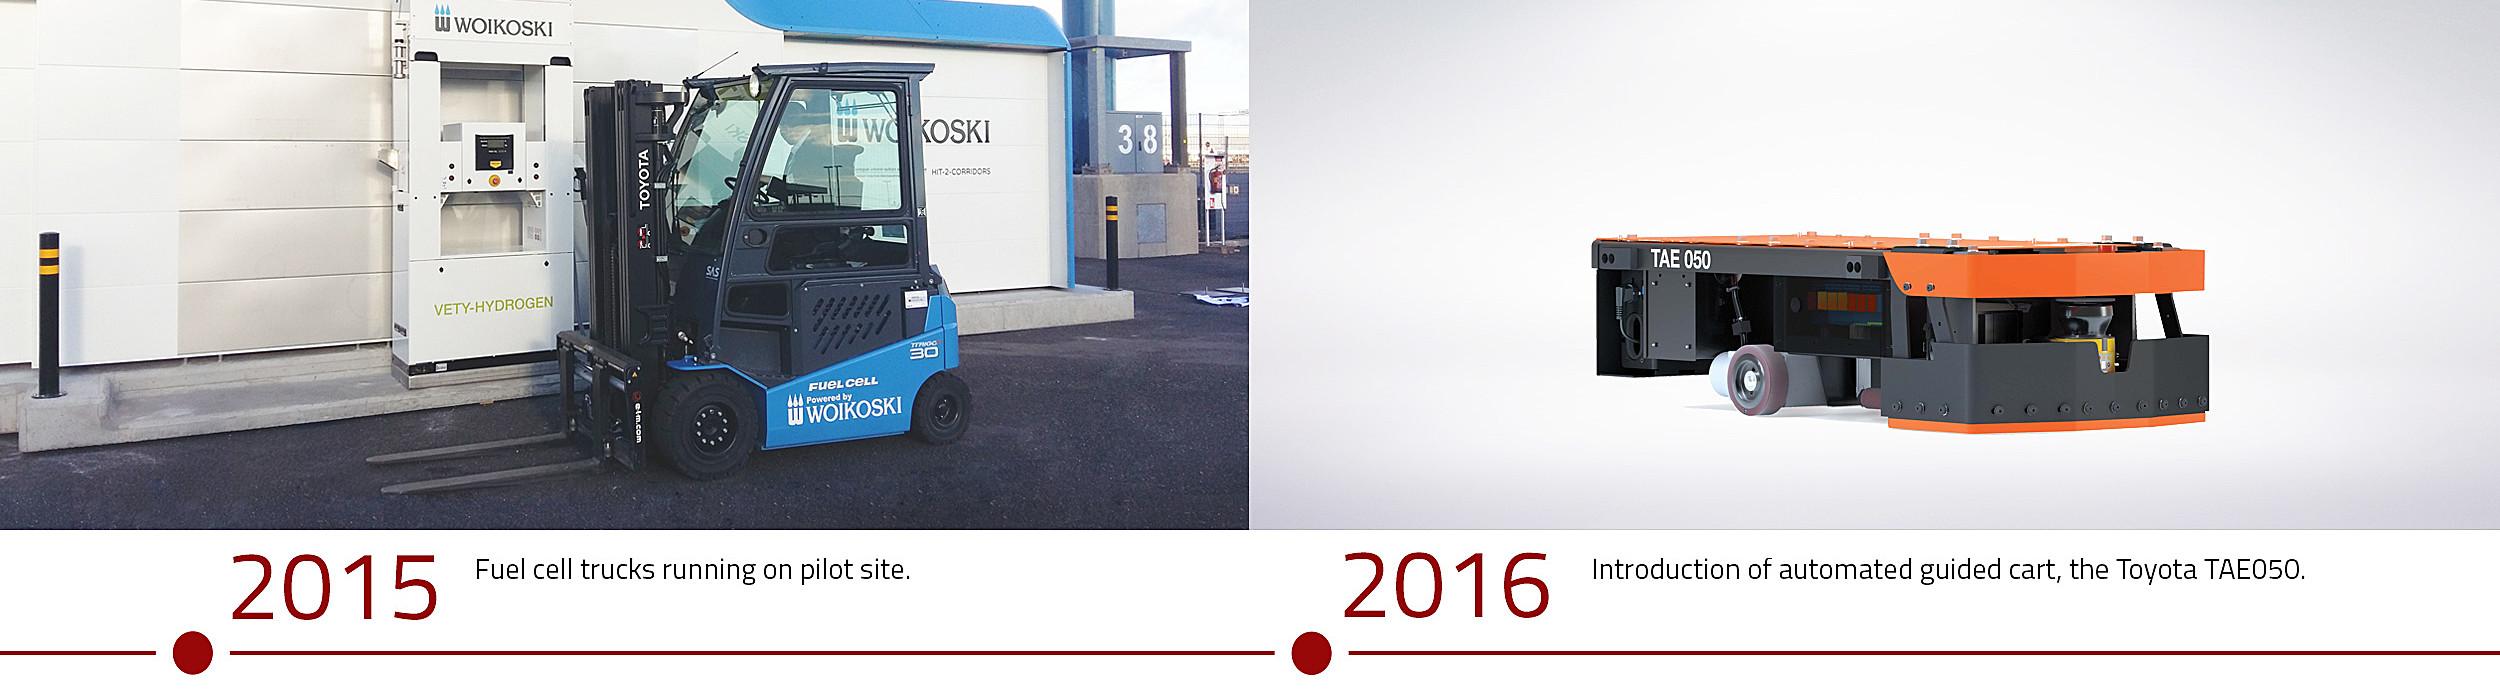 Historia de Toyota Material Handling de 2015 a 2016